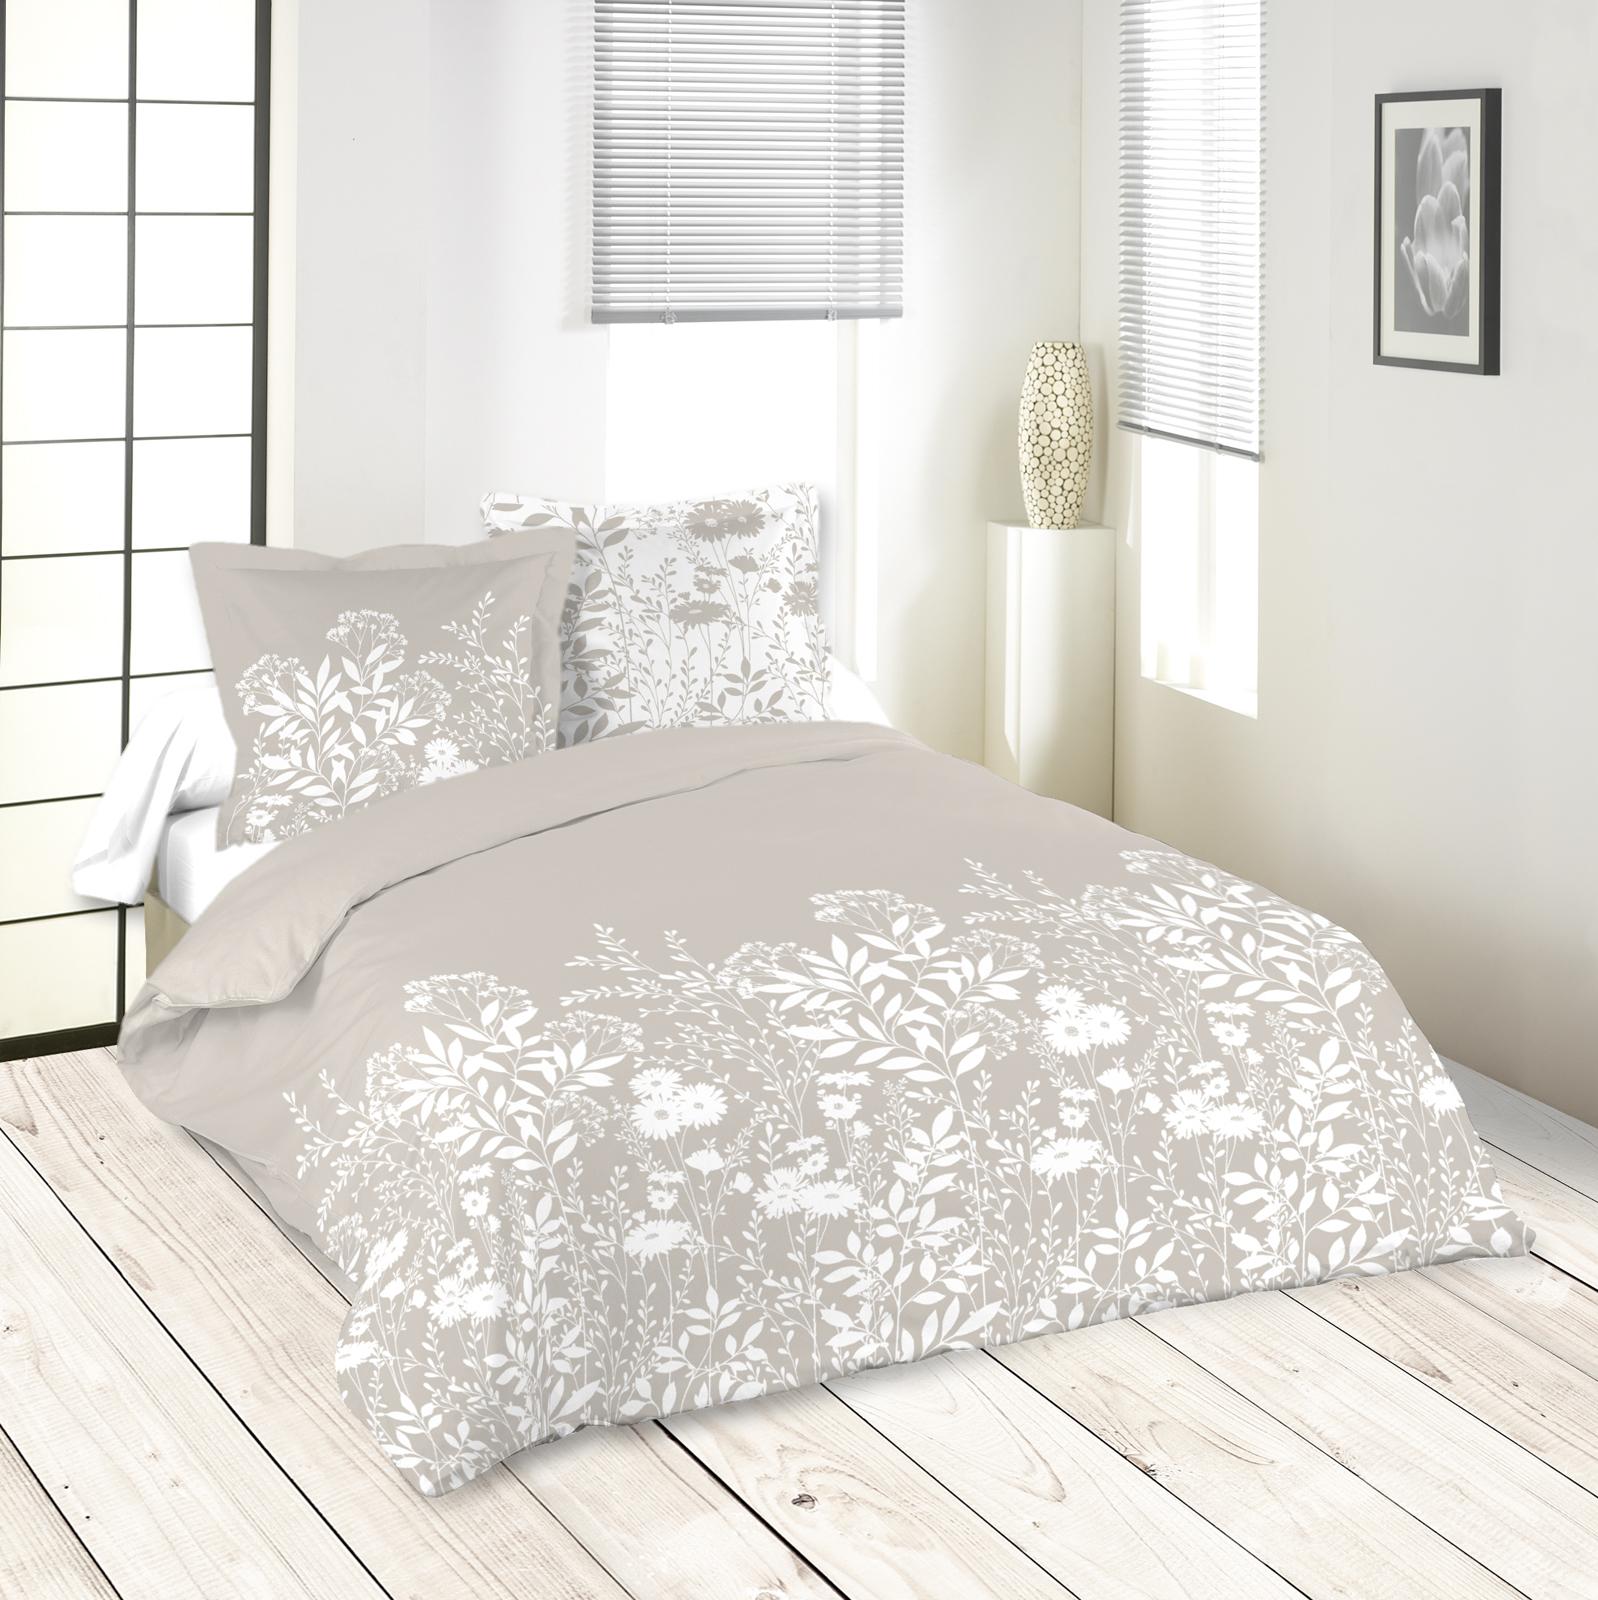 Parure de lit motifs fleurs 240x220cm housse de couette Housse de couette motif